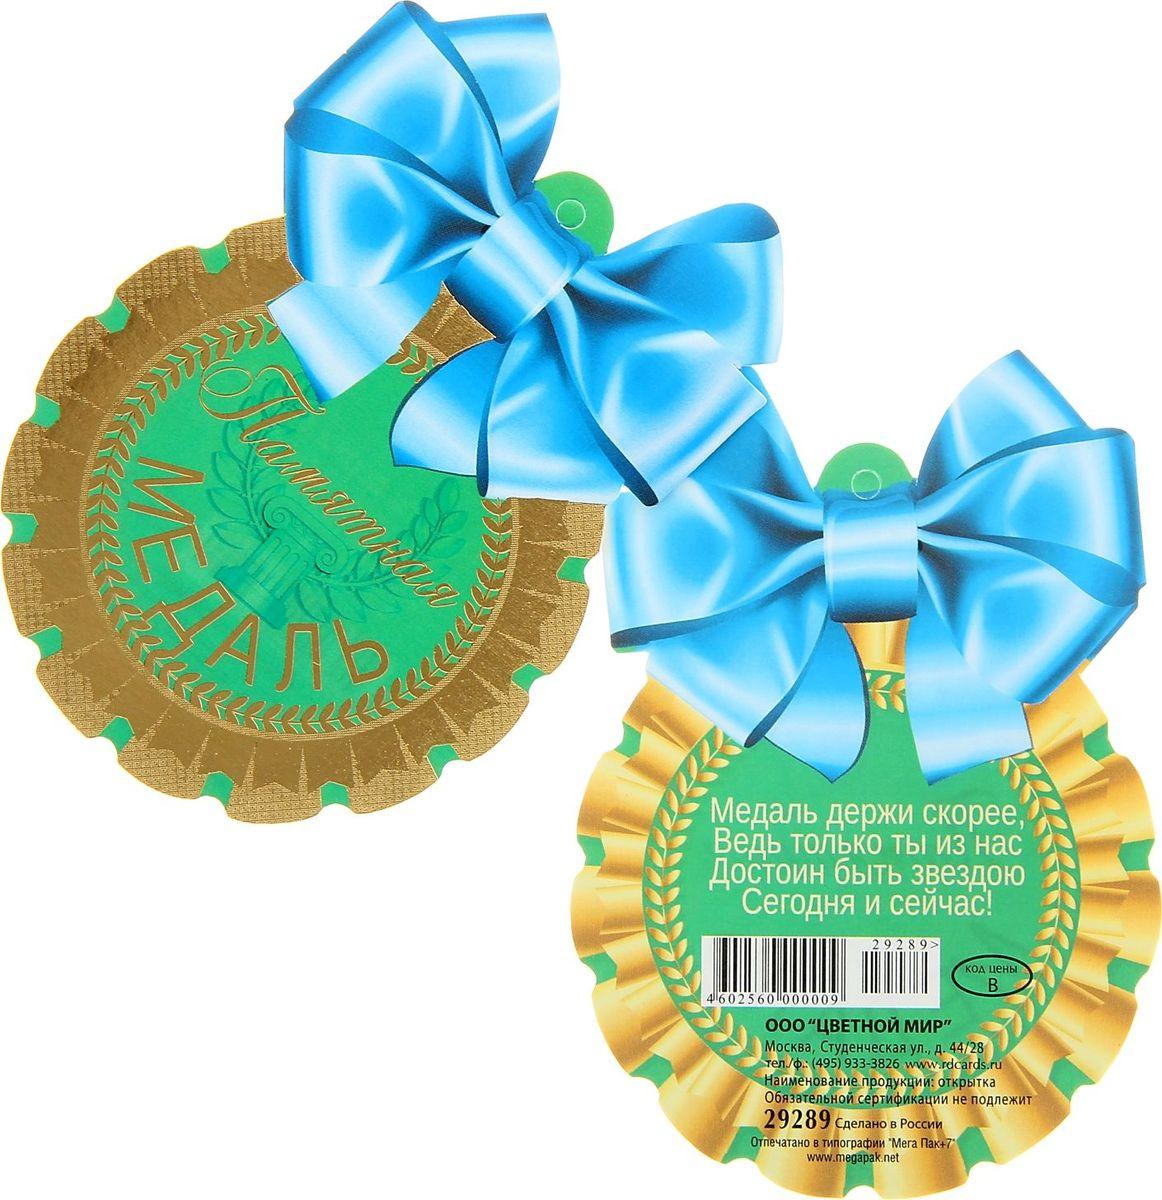 Открытка-медаль сувенирная Русский дизайн Памятная Открытка-медаль сувенирная1028815Невозможно представить нашу жизнь без праздников! Мы всегда ждём их и предвкушаем, обдумываем, как проведём памятный день, тщательно выбираем подарки и аксессуары, ведь именно они создают и поддерживают торжественный настрой. Это отличный выбор, который привнесёт атмосферу праздника в ваш дом!